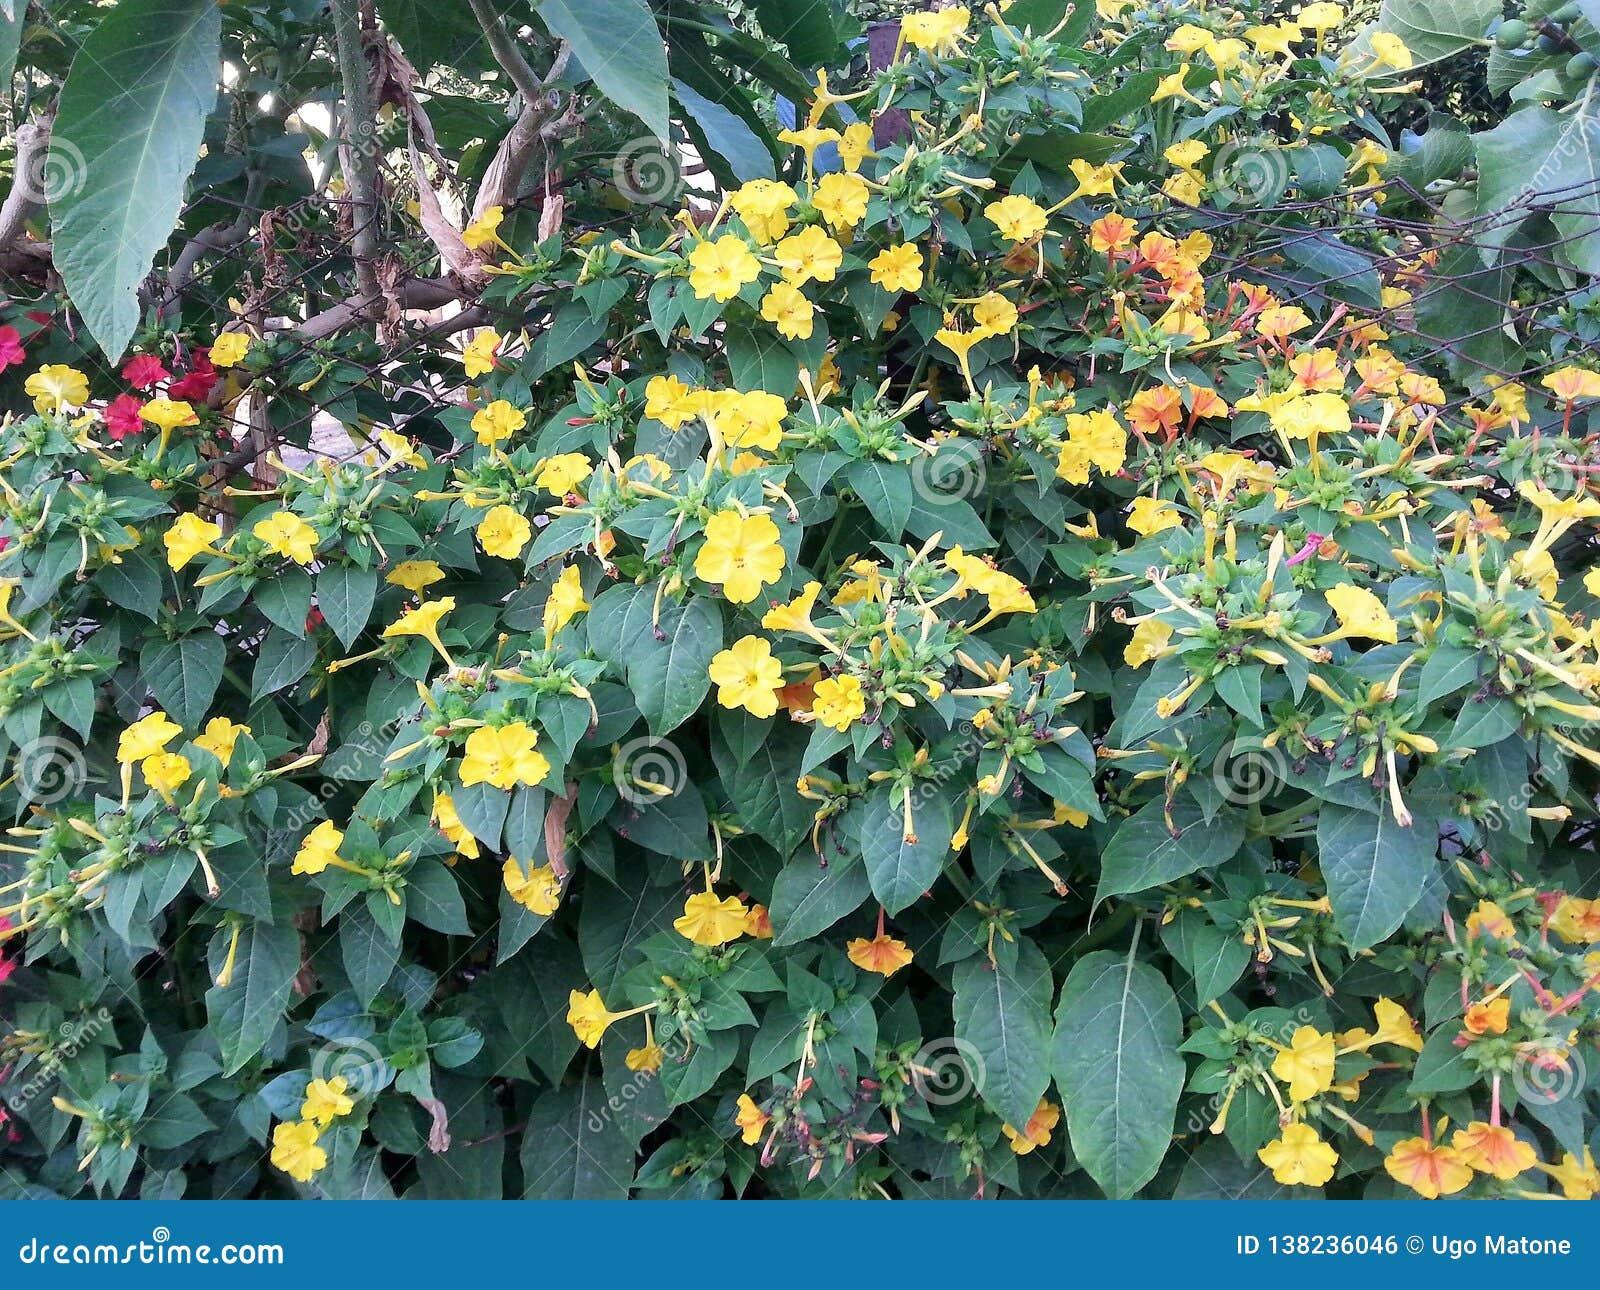 Blumen von Mirabilis jalapa